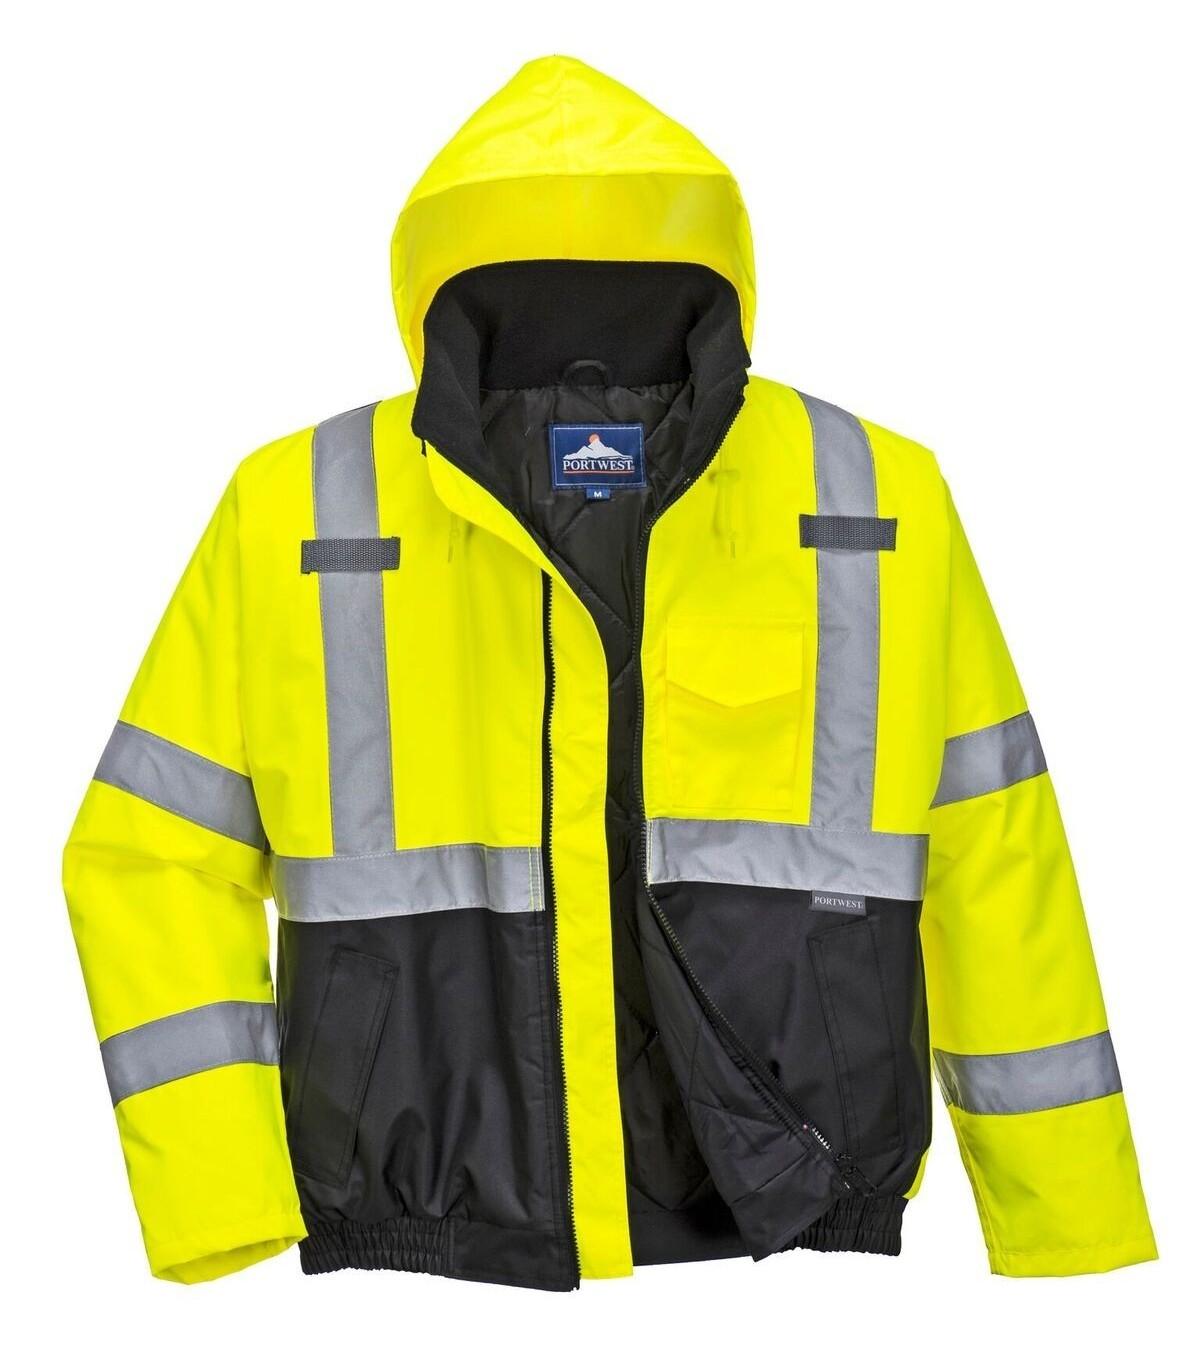 991160e6f93 Ecobenzropalaboral | Cazadora laboral de alta visibilidad, cálida e ...